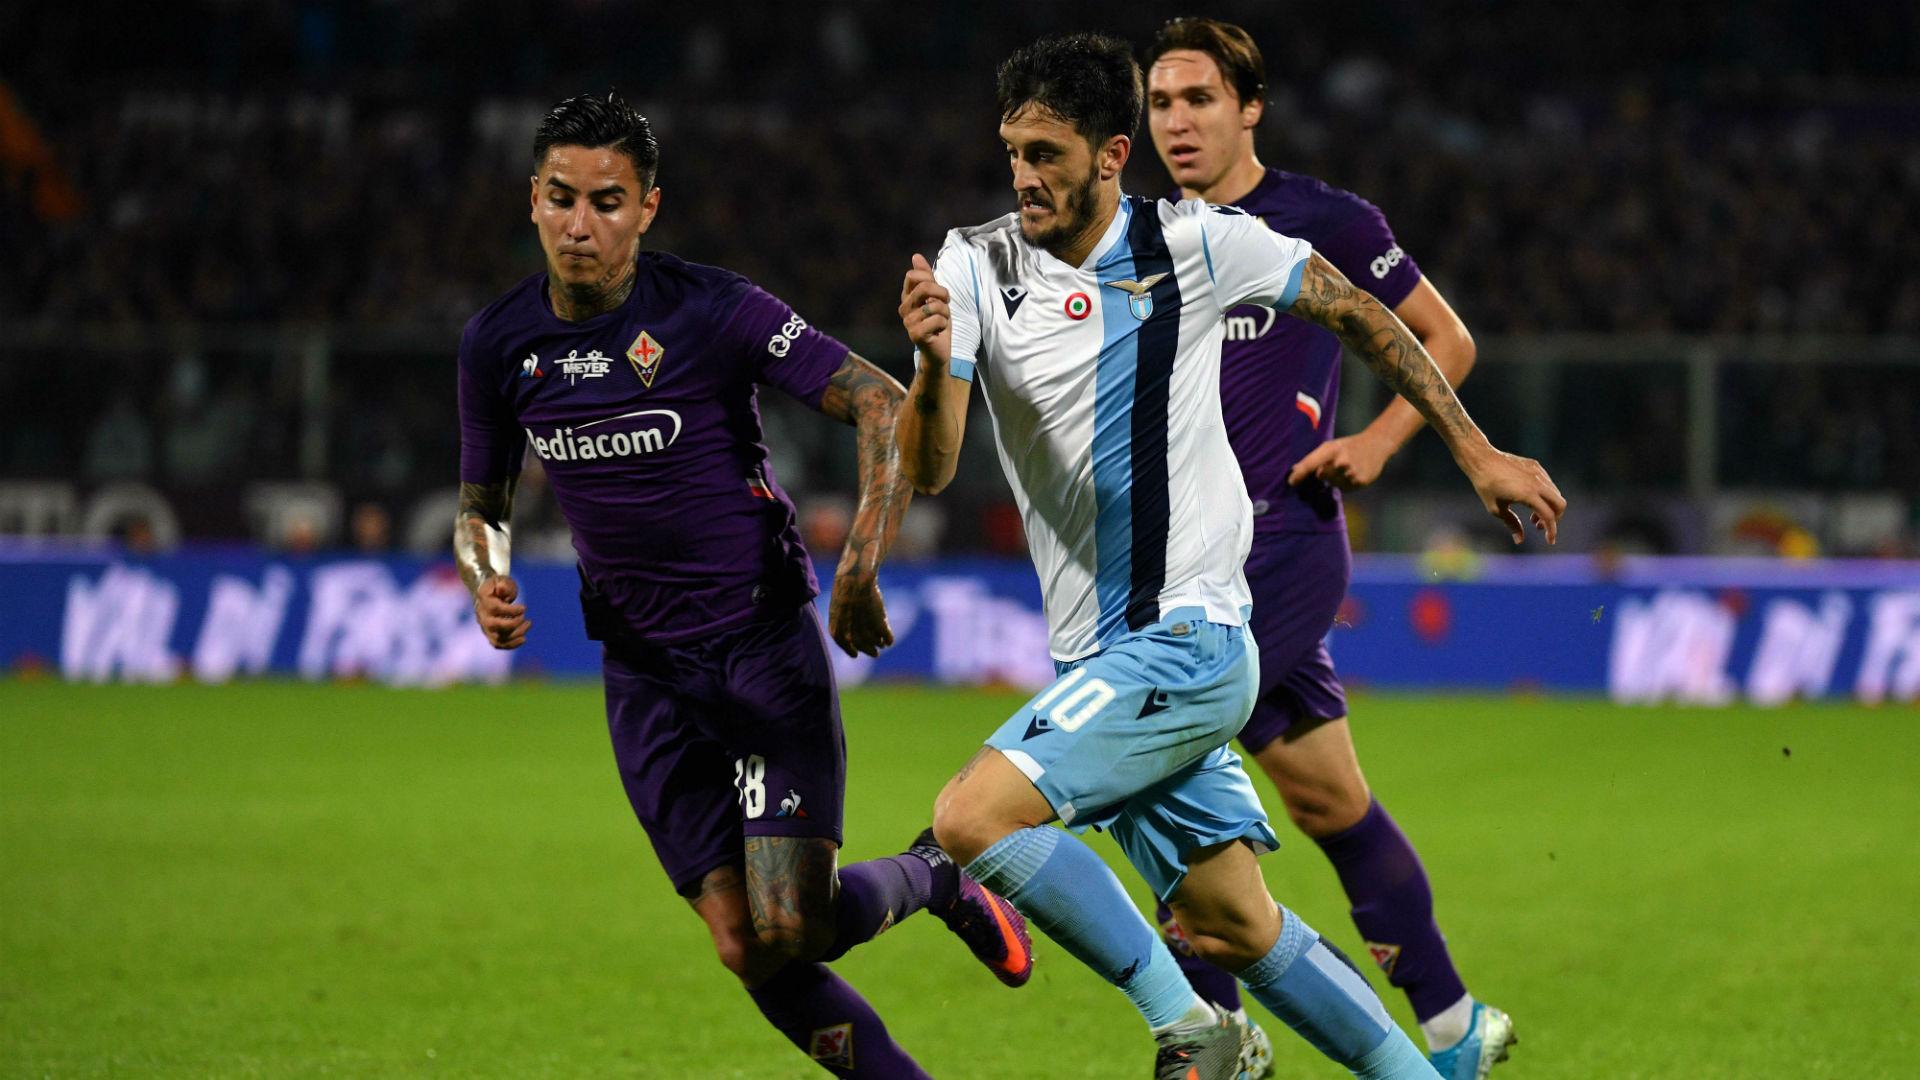 Esclusiva: Fiorentina, per la panchina c'è anche Giampaolo